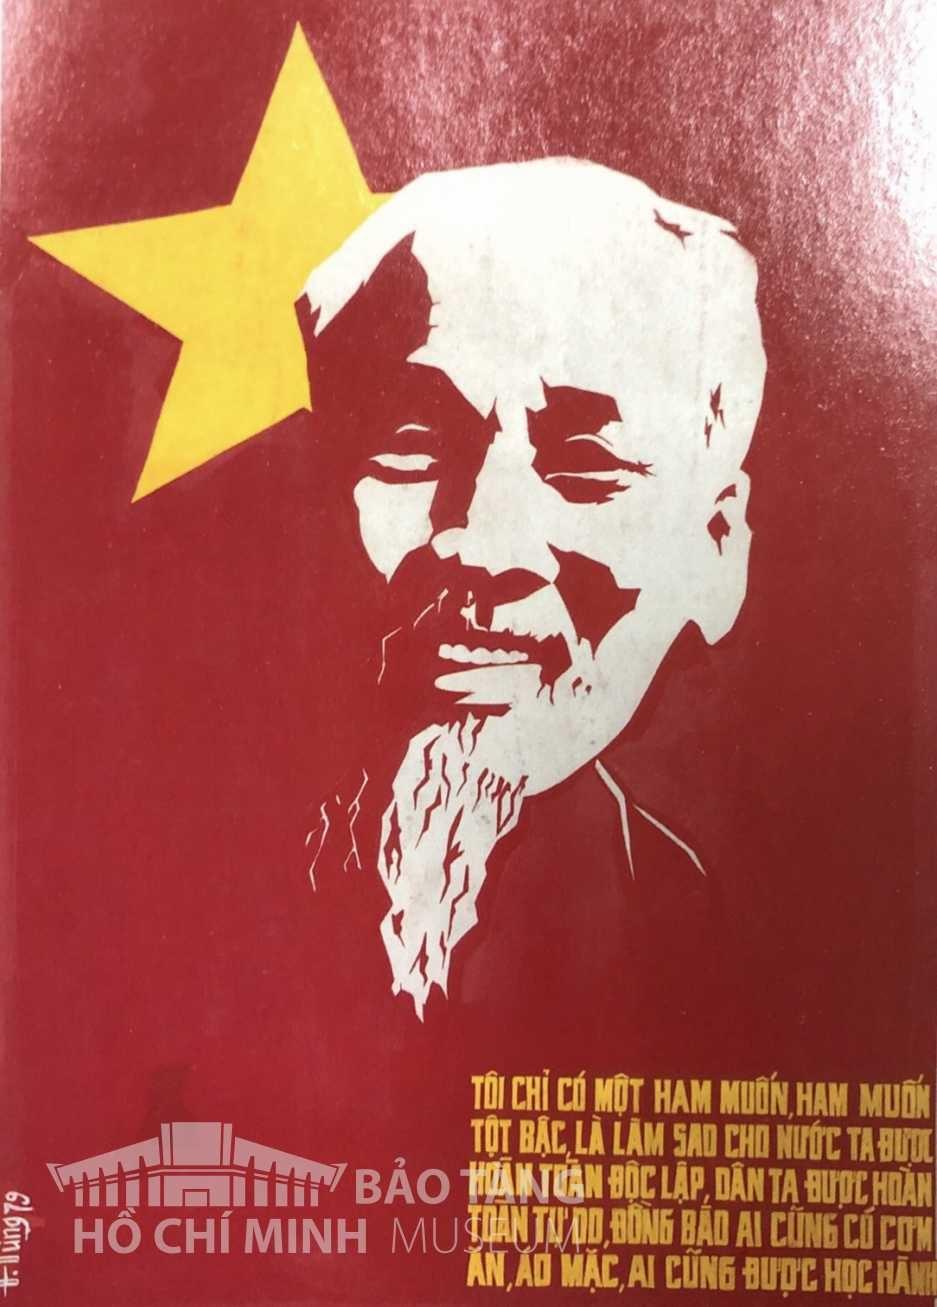 Tranh: Đặng Đình Dũng Bột màu, 1979 Nguồn: Bảo tàng Hồ Chí Minh